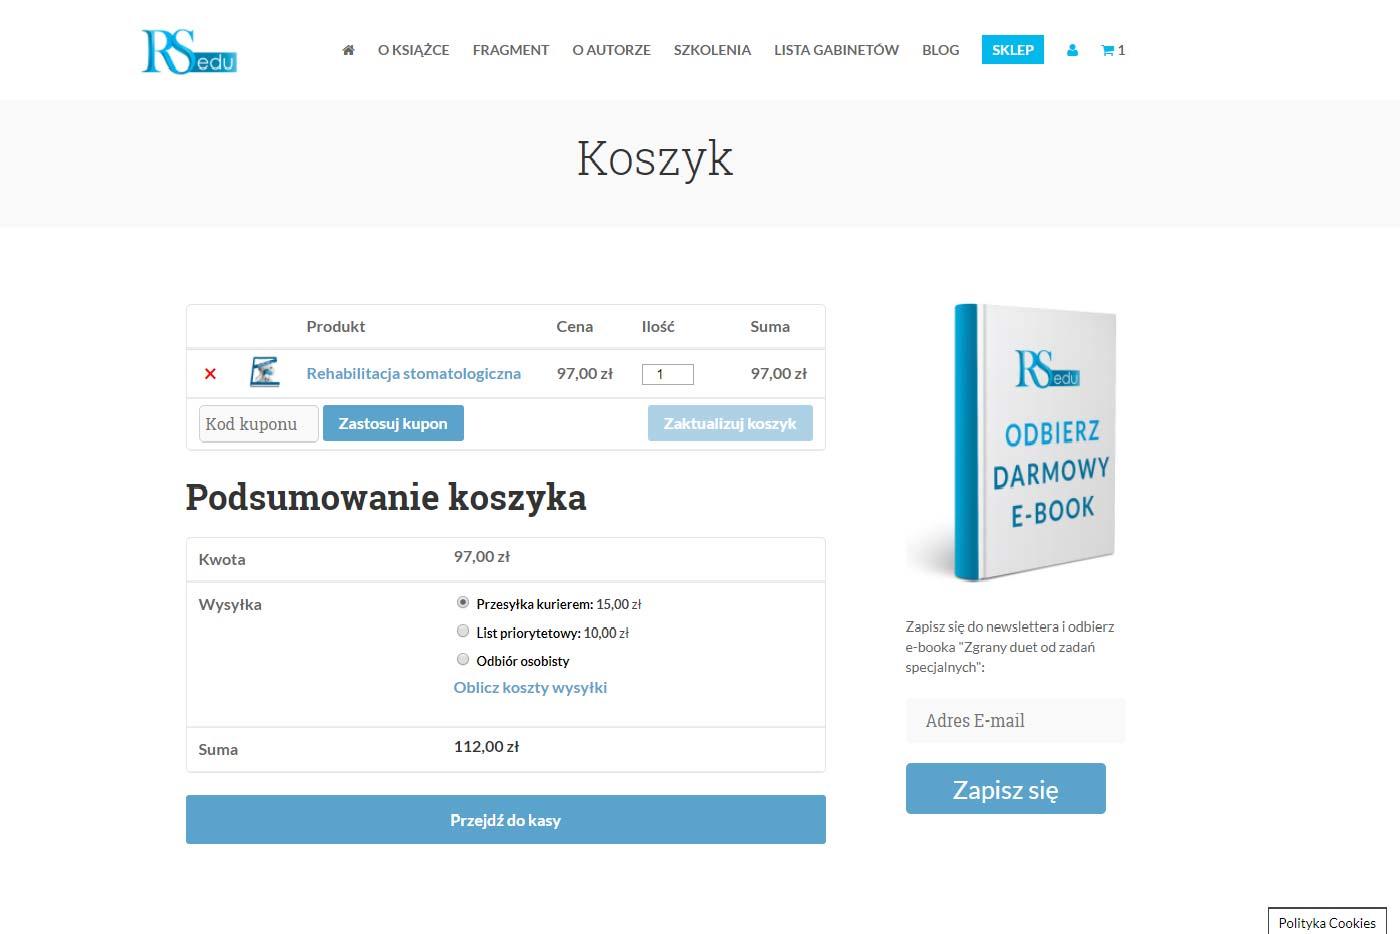 rsedu-pl-strony-www-sklepy-internetowe-białystok-evion-agencja-reklamowa-marketingowa3